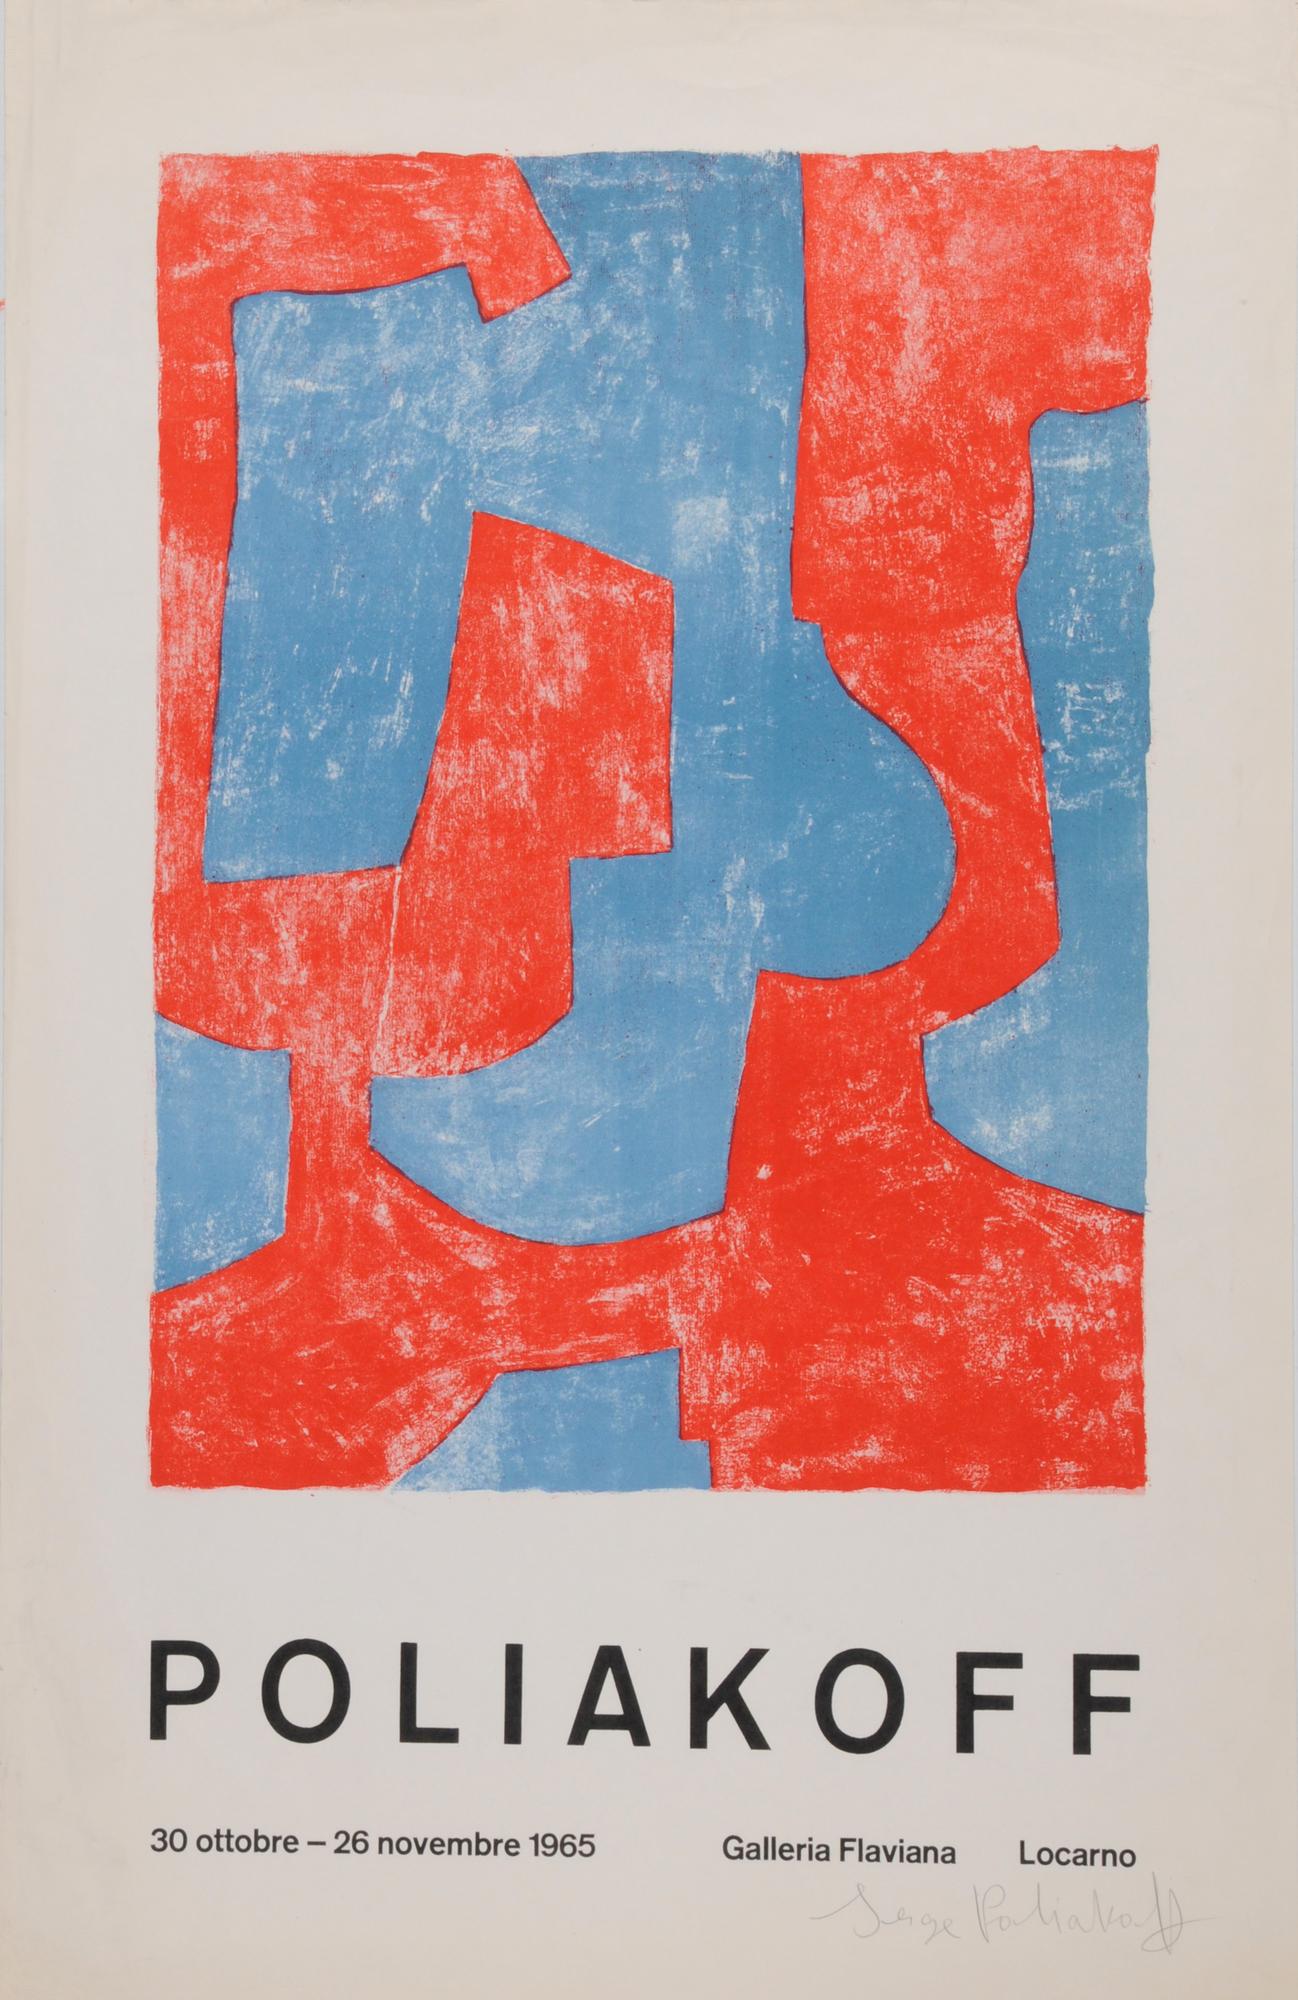 Poliakoff Serge, Exhibition poster. Poliakoff, 30 ottobre-26 novembre 1965, Galleria Flaviana, Locarno